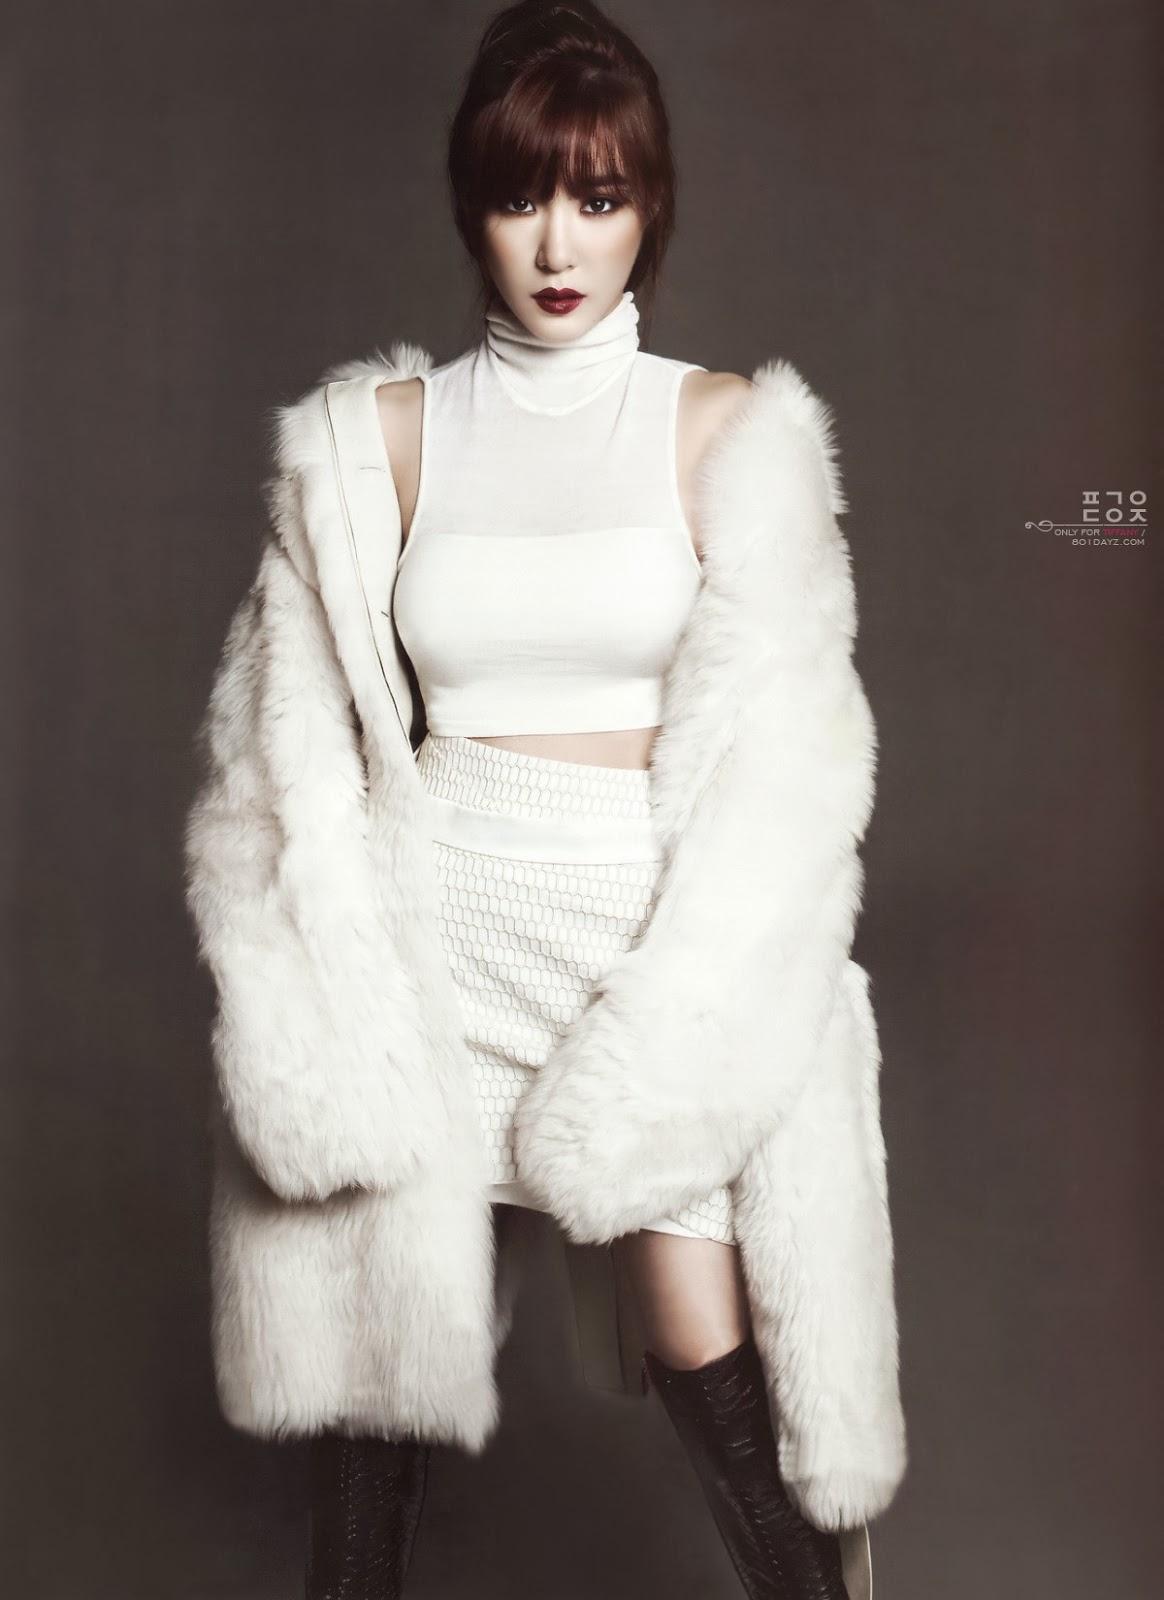 Tiffany SNSD and Bora SISTAR - Harper's Bazaar Magazine January Issue 2014